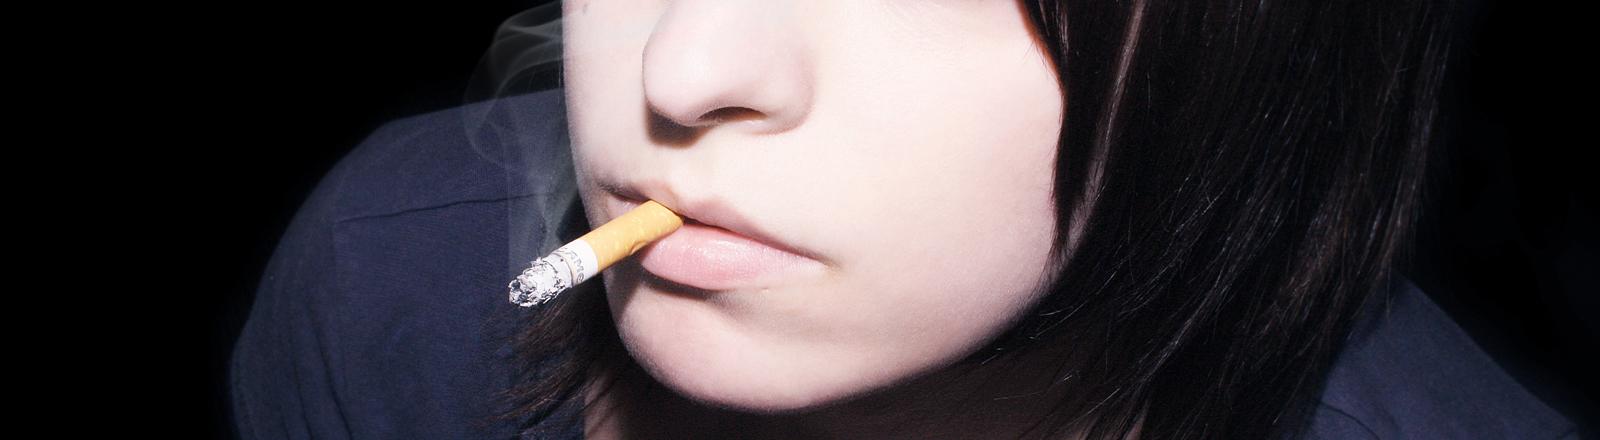 Frau mit Zigarette